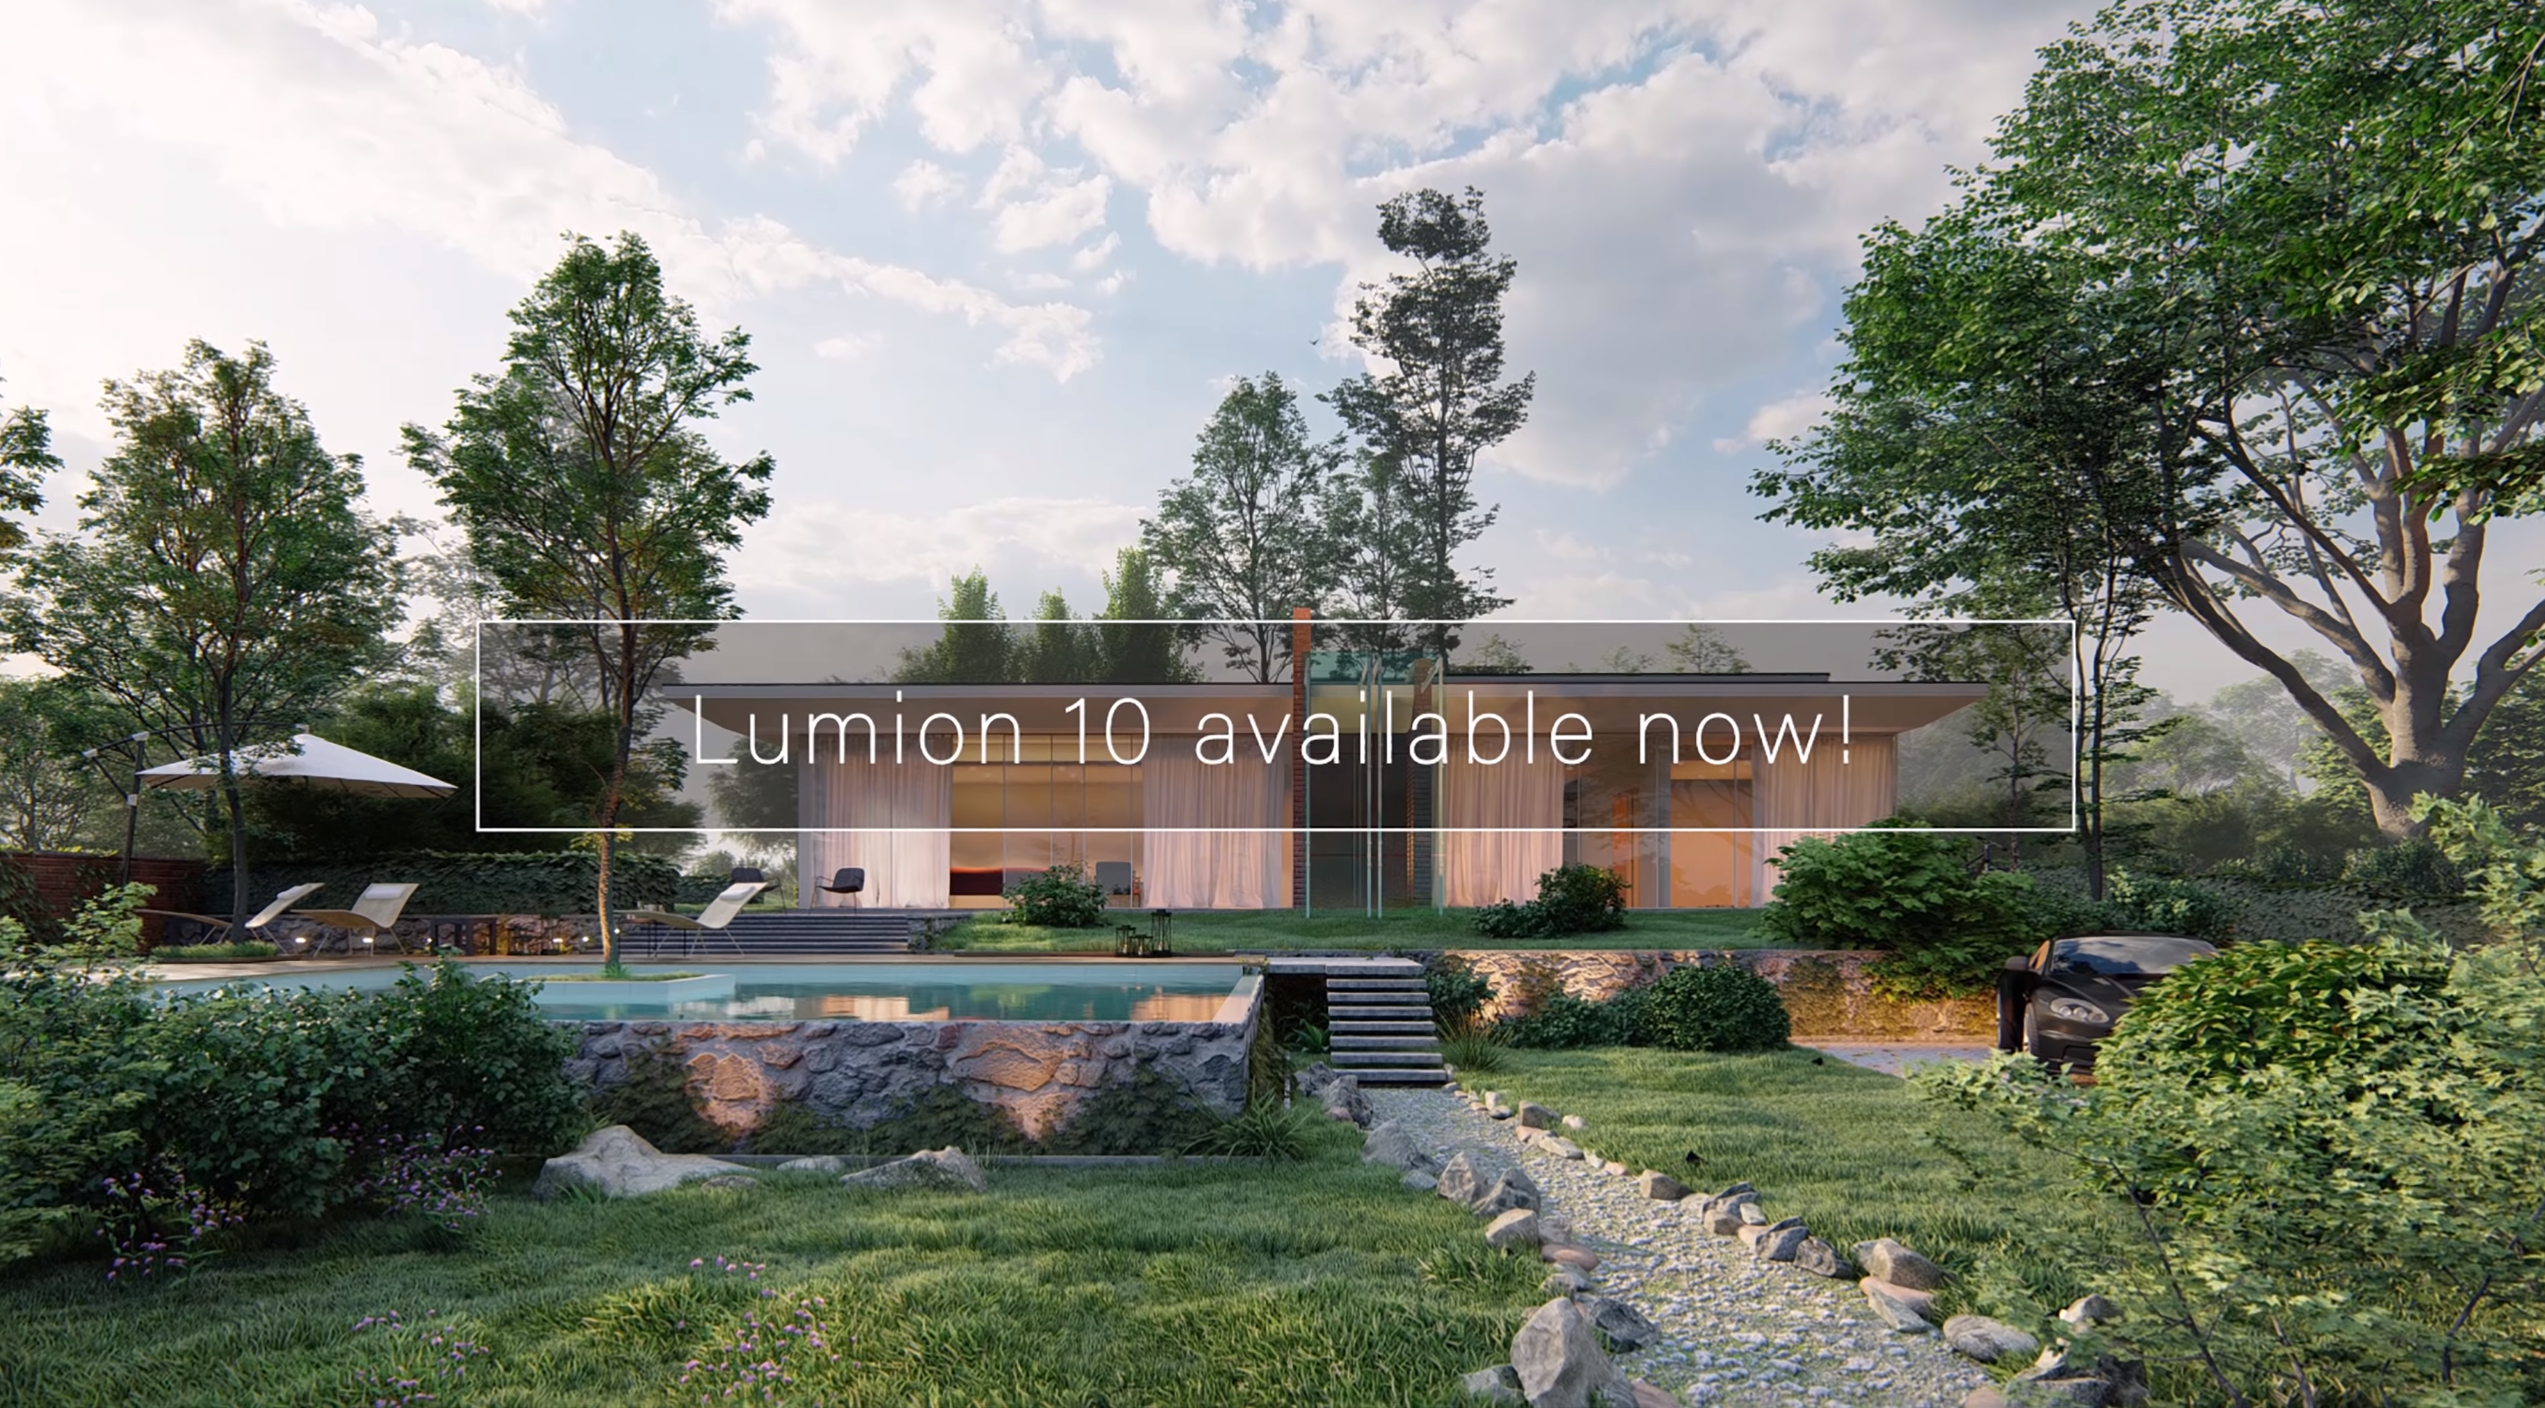 Các tính năng mới  trong Lumion 10